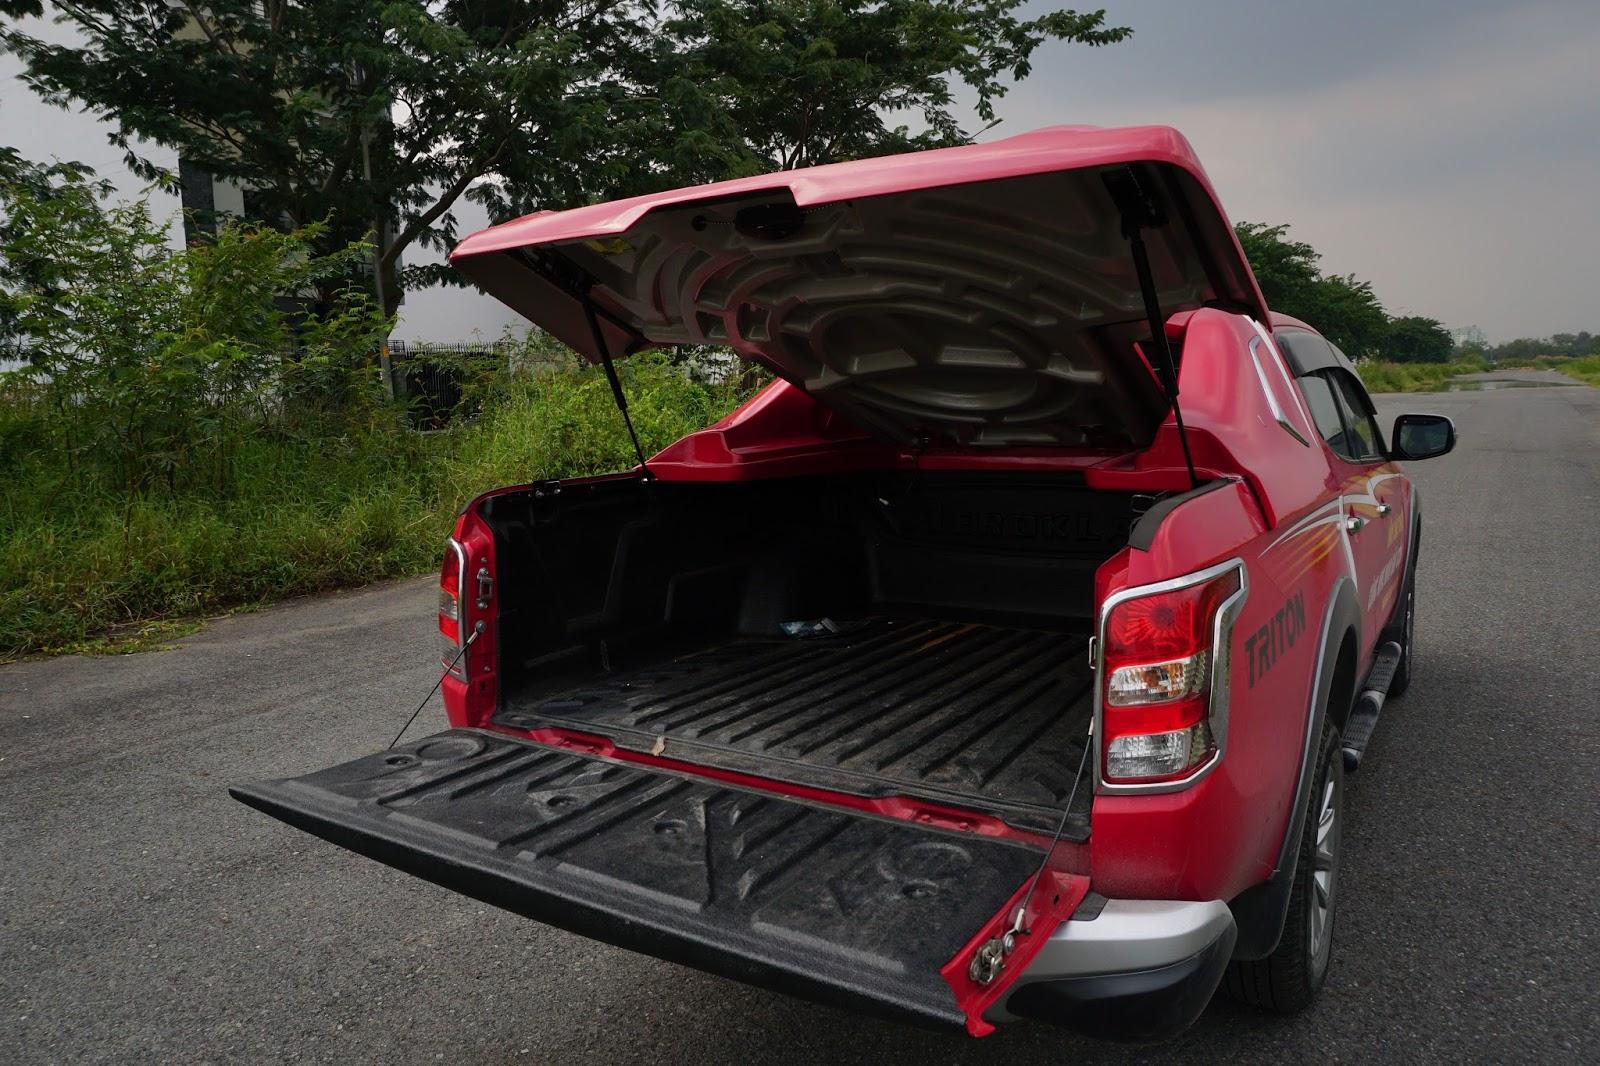 Thùng xe của Triton cực rộng và có thể chở được rất nhiều đồ